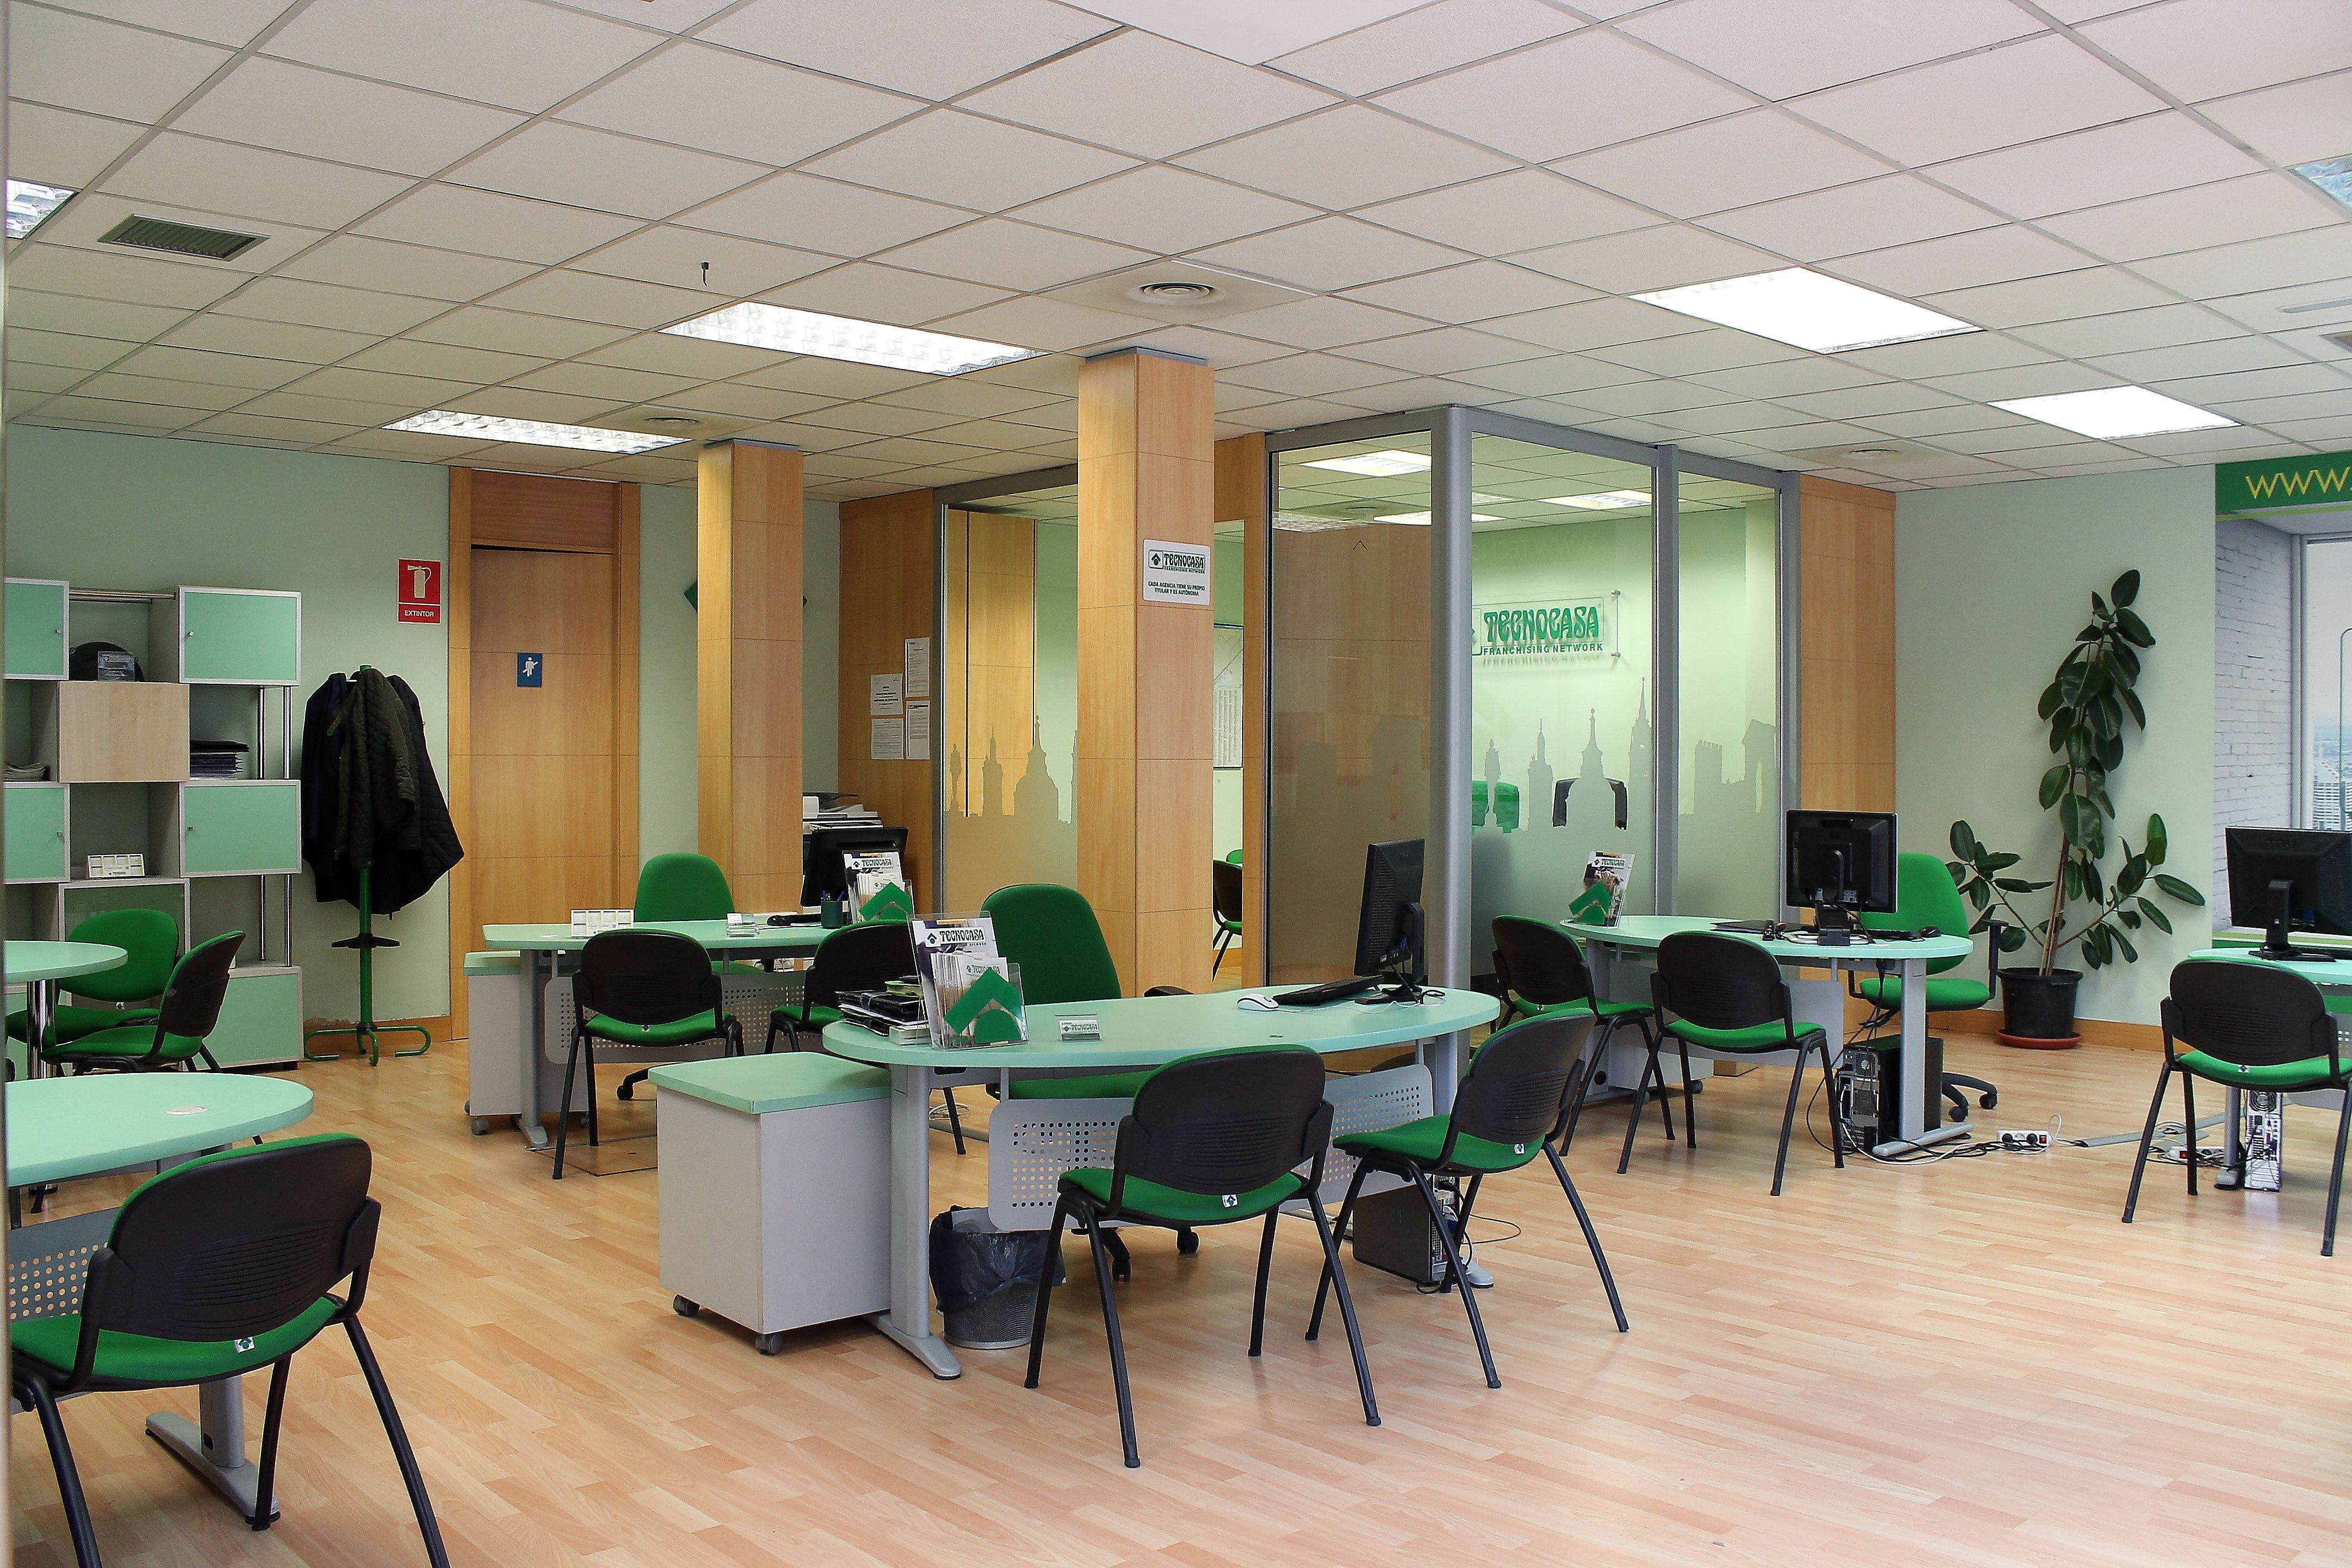 Alquiler de pisos en Alcalá de Henares